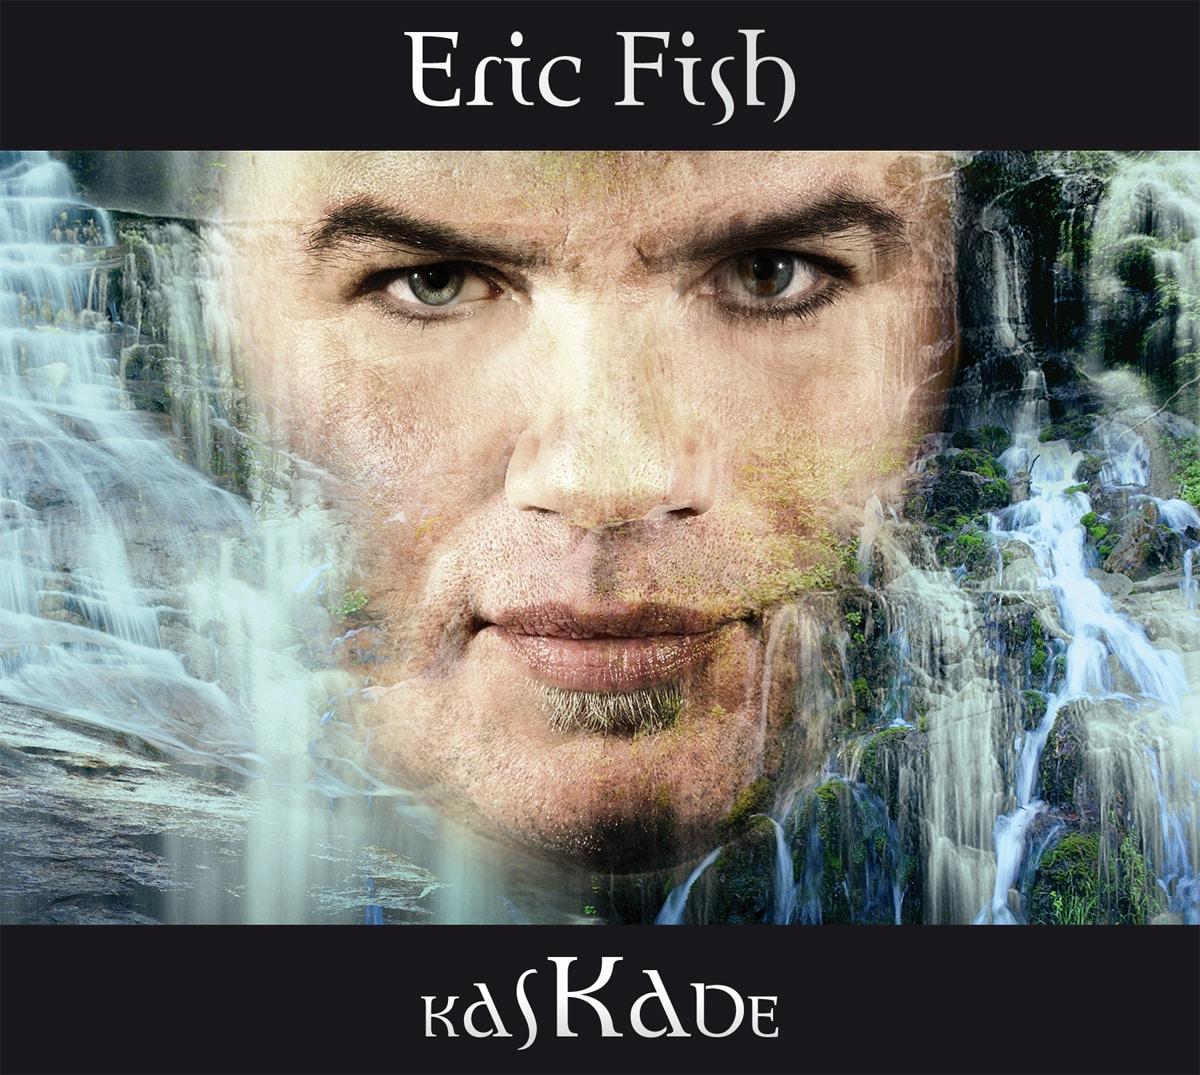 Eric Fish - Neues Soloalbum und große Deutschlandtour